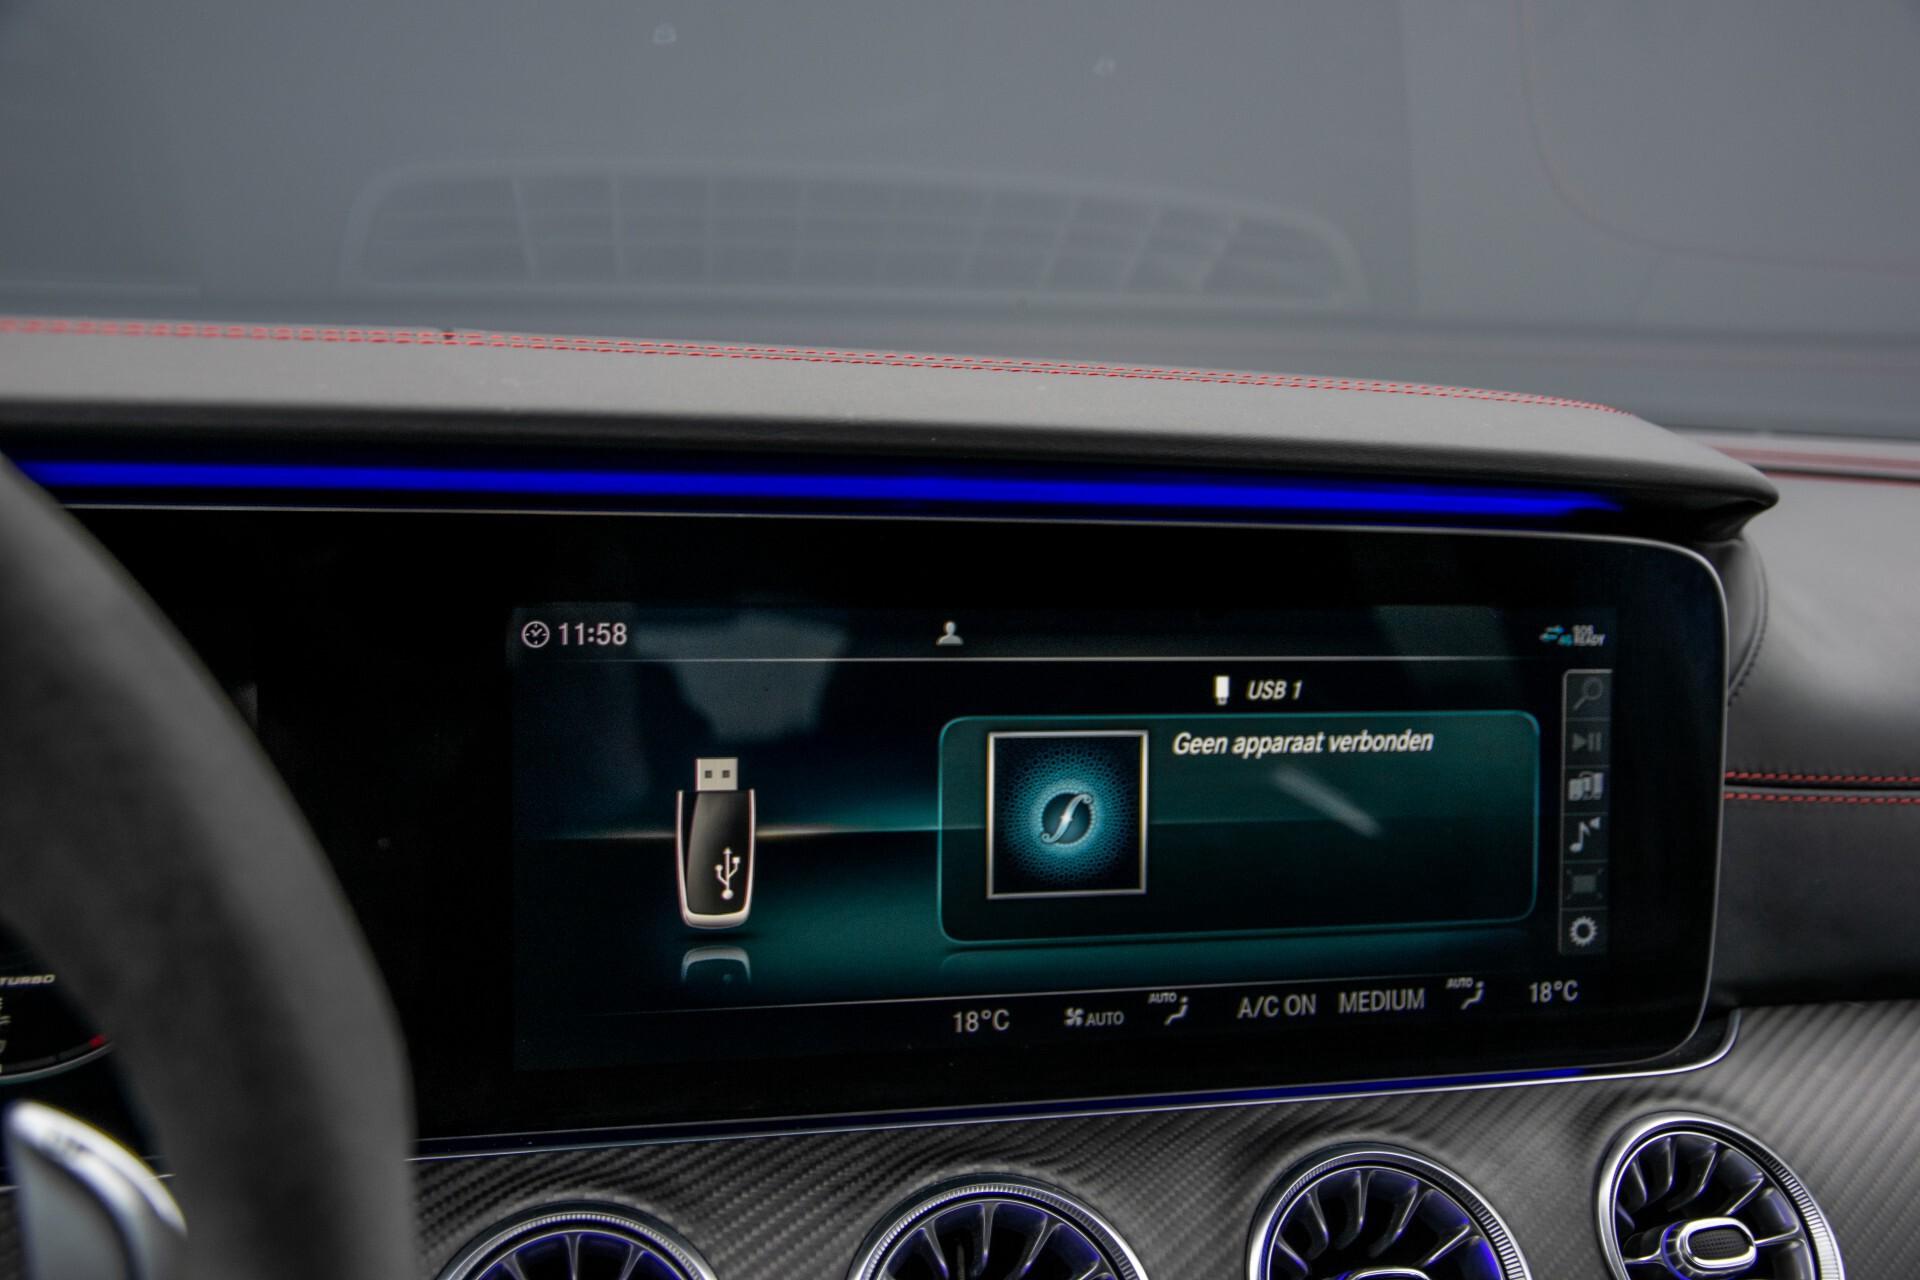 Mercedes-Benz AMG GT 4-Door Coupe 63 S 4M+ Keramisch/Full Carbon/Aerodynamica/Burmester 3D/TV/Performance stoelen/Standkachel Aut9 Foto 23